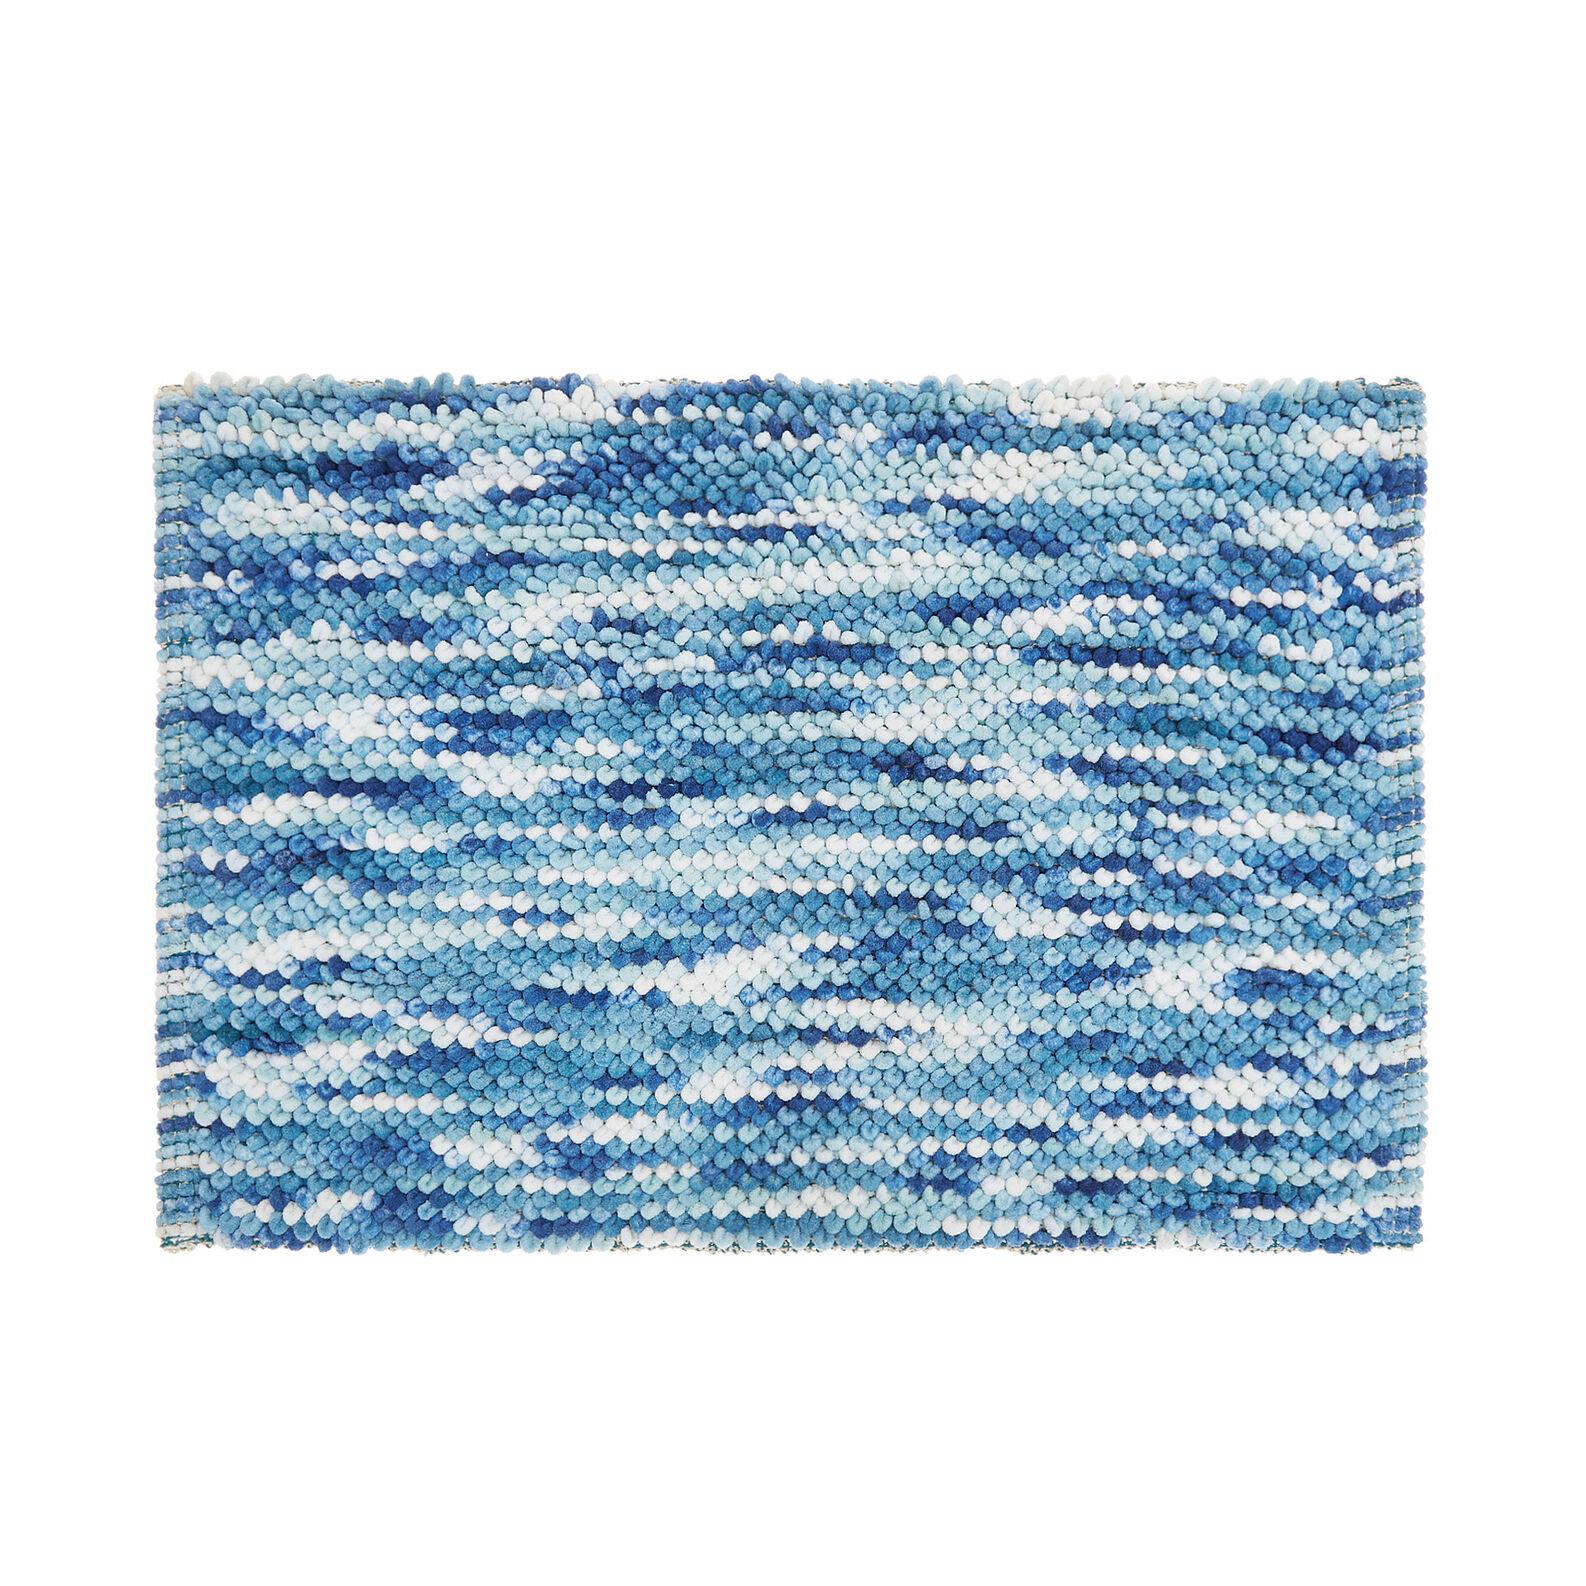 Tappeto bagno misto cotone shaggy